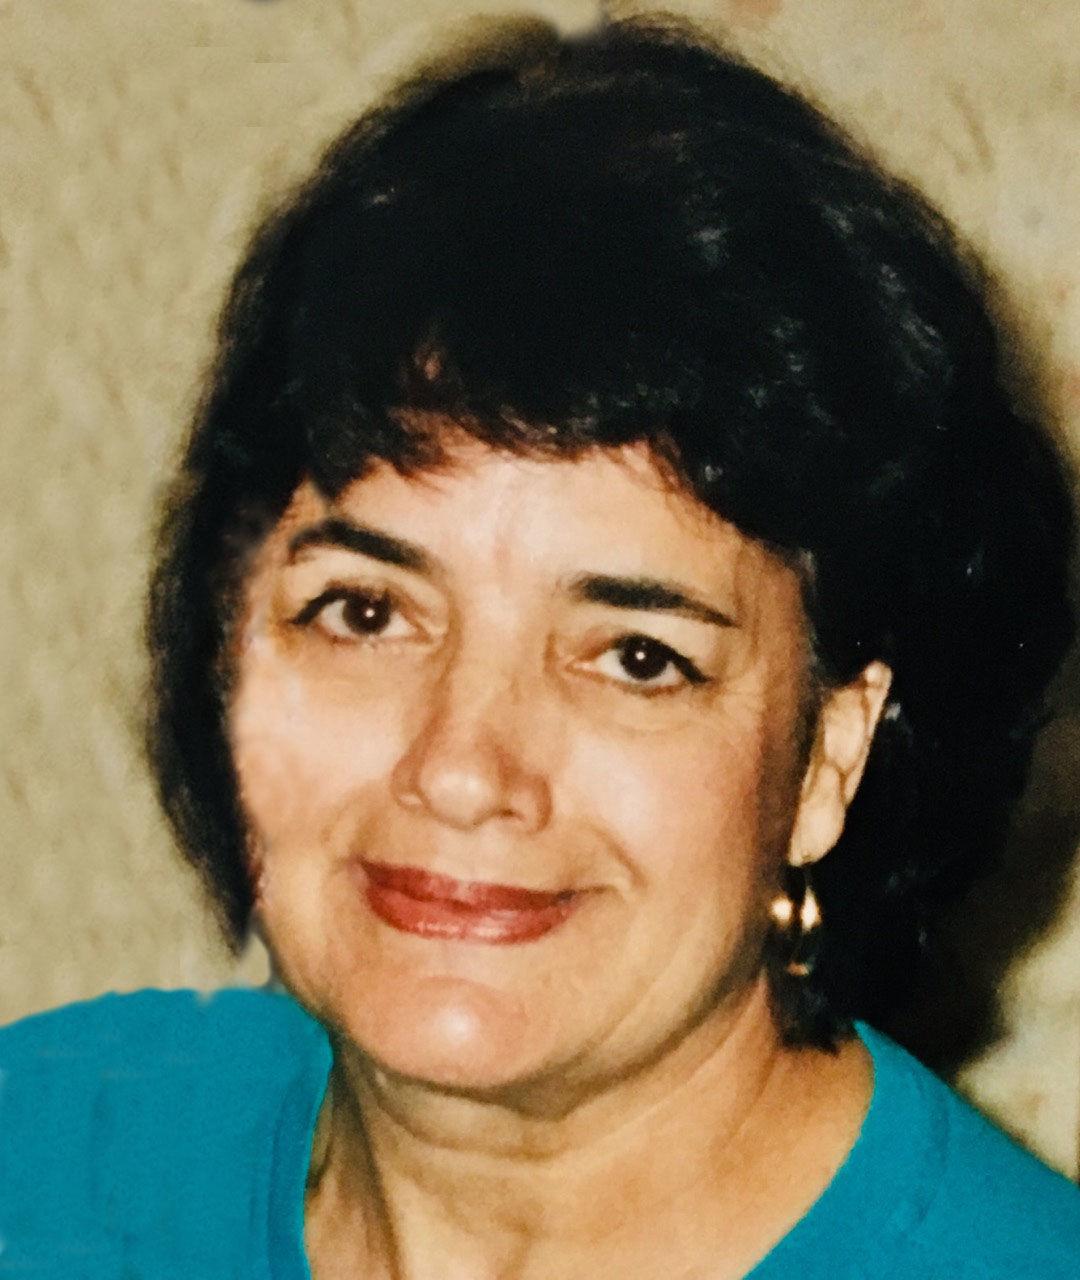 Panny Lopez Benavides, 1941-2019